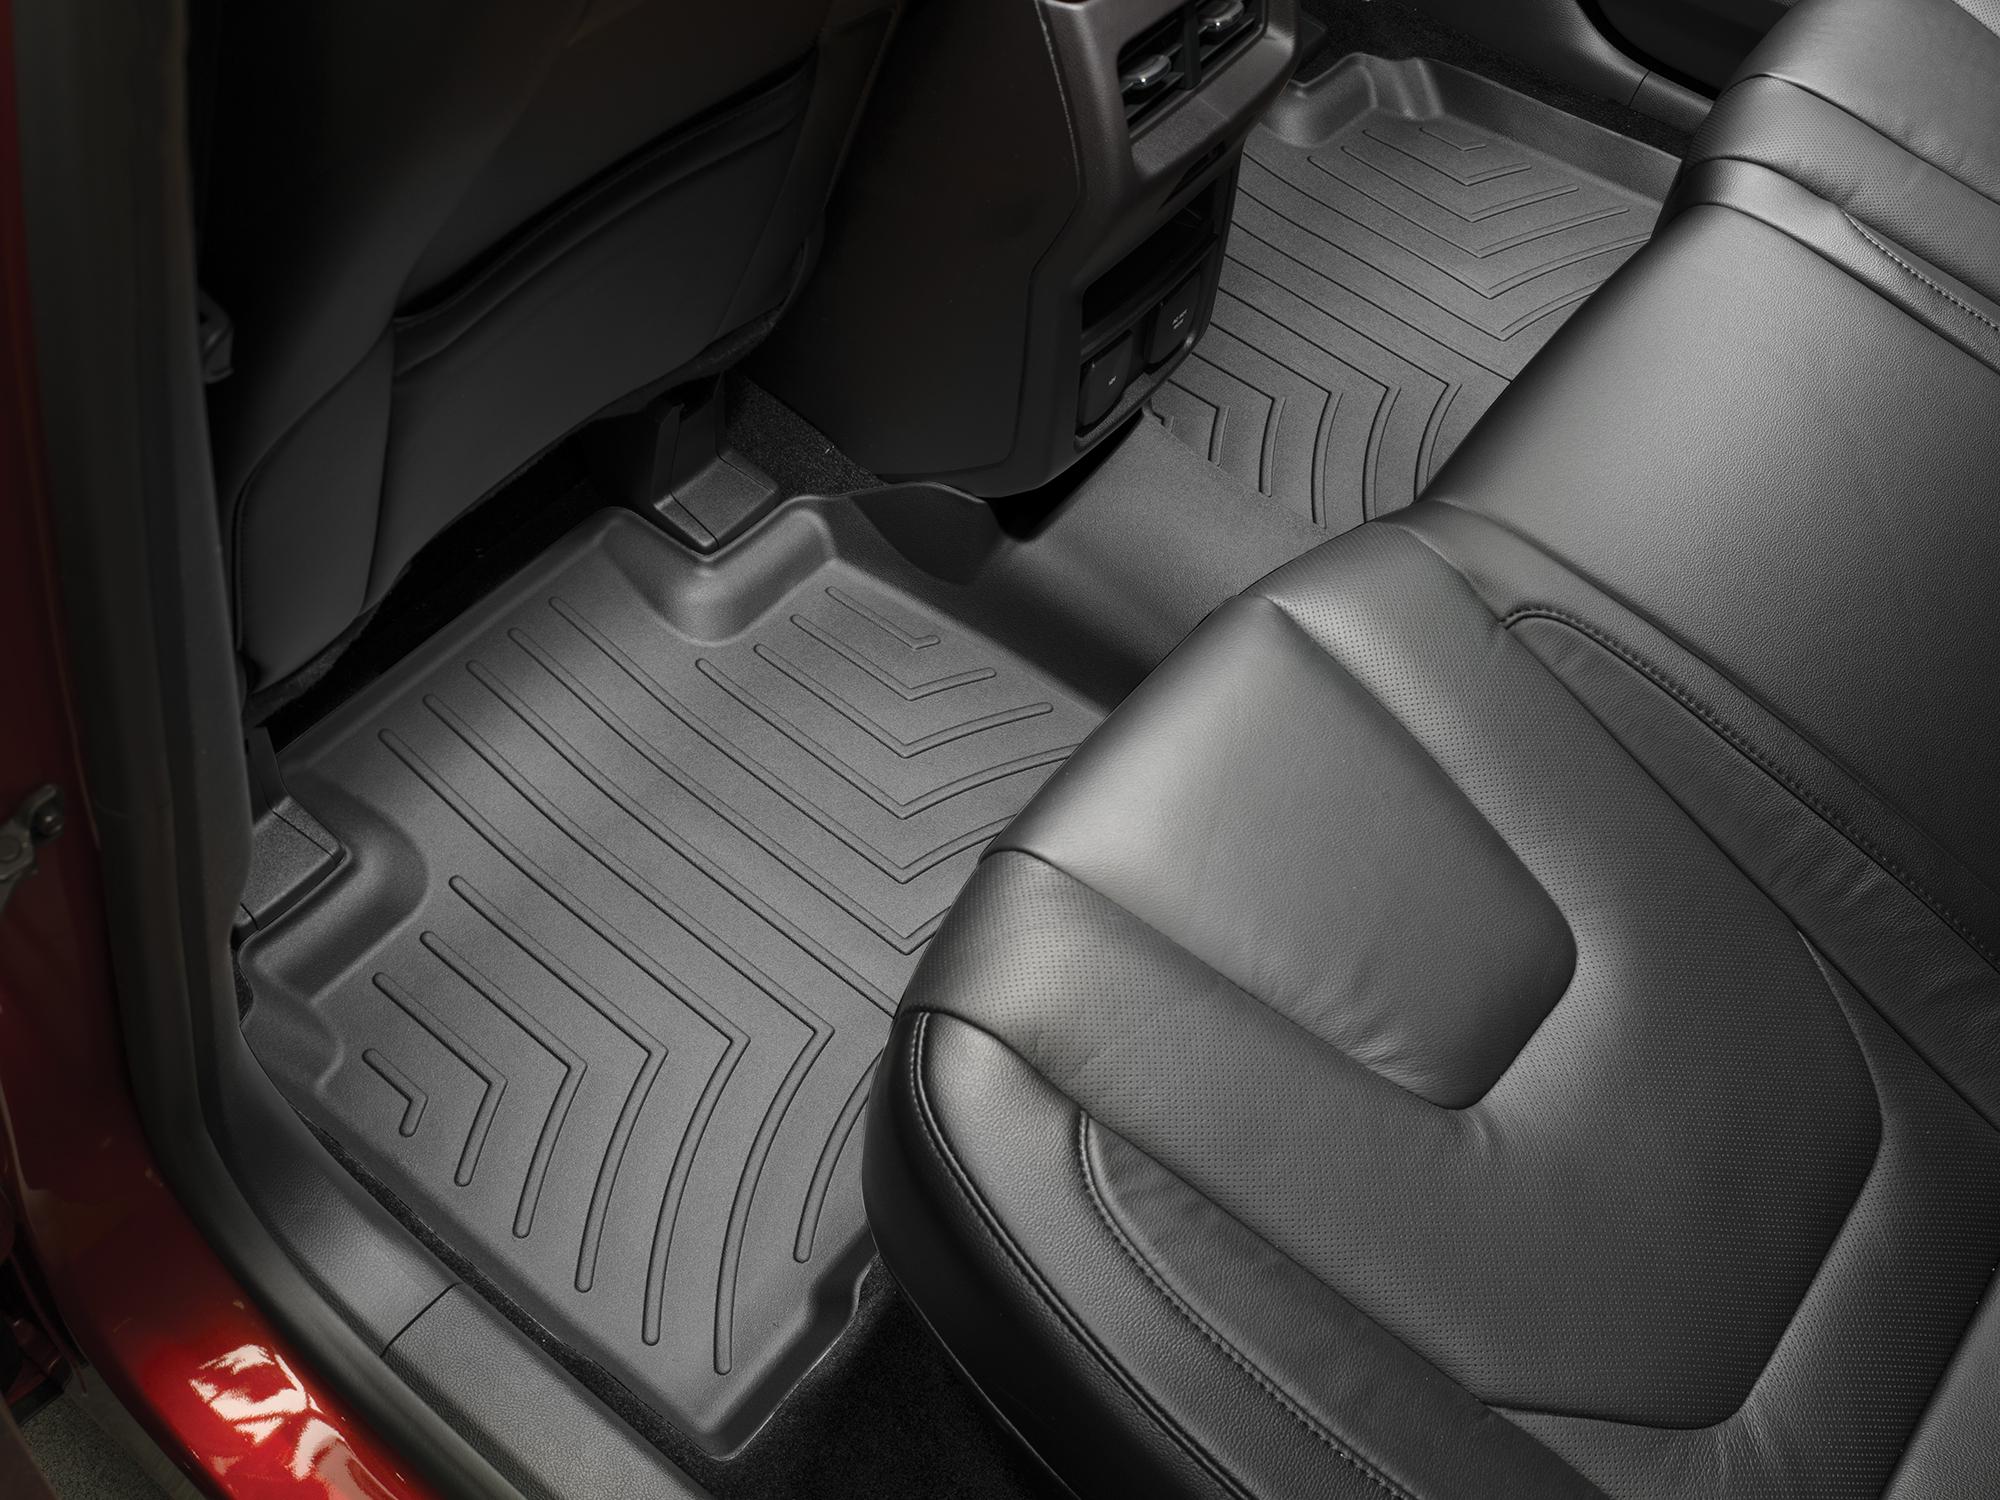 Tappeti gomma su misura bordo alto Ford Edge 16>17 Nero A855*